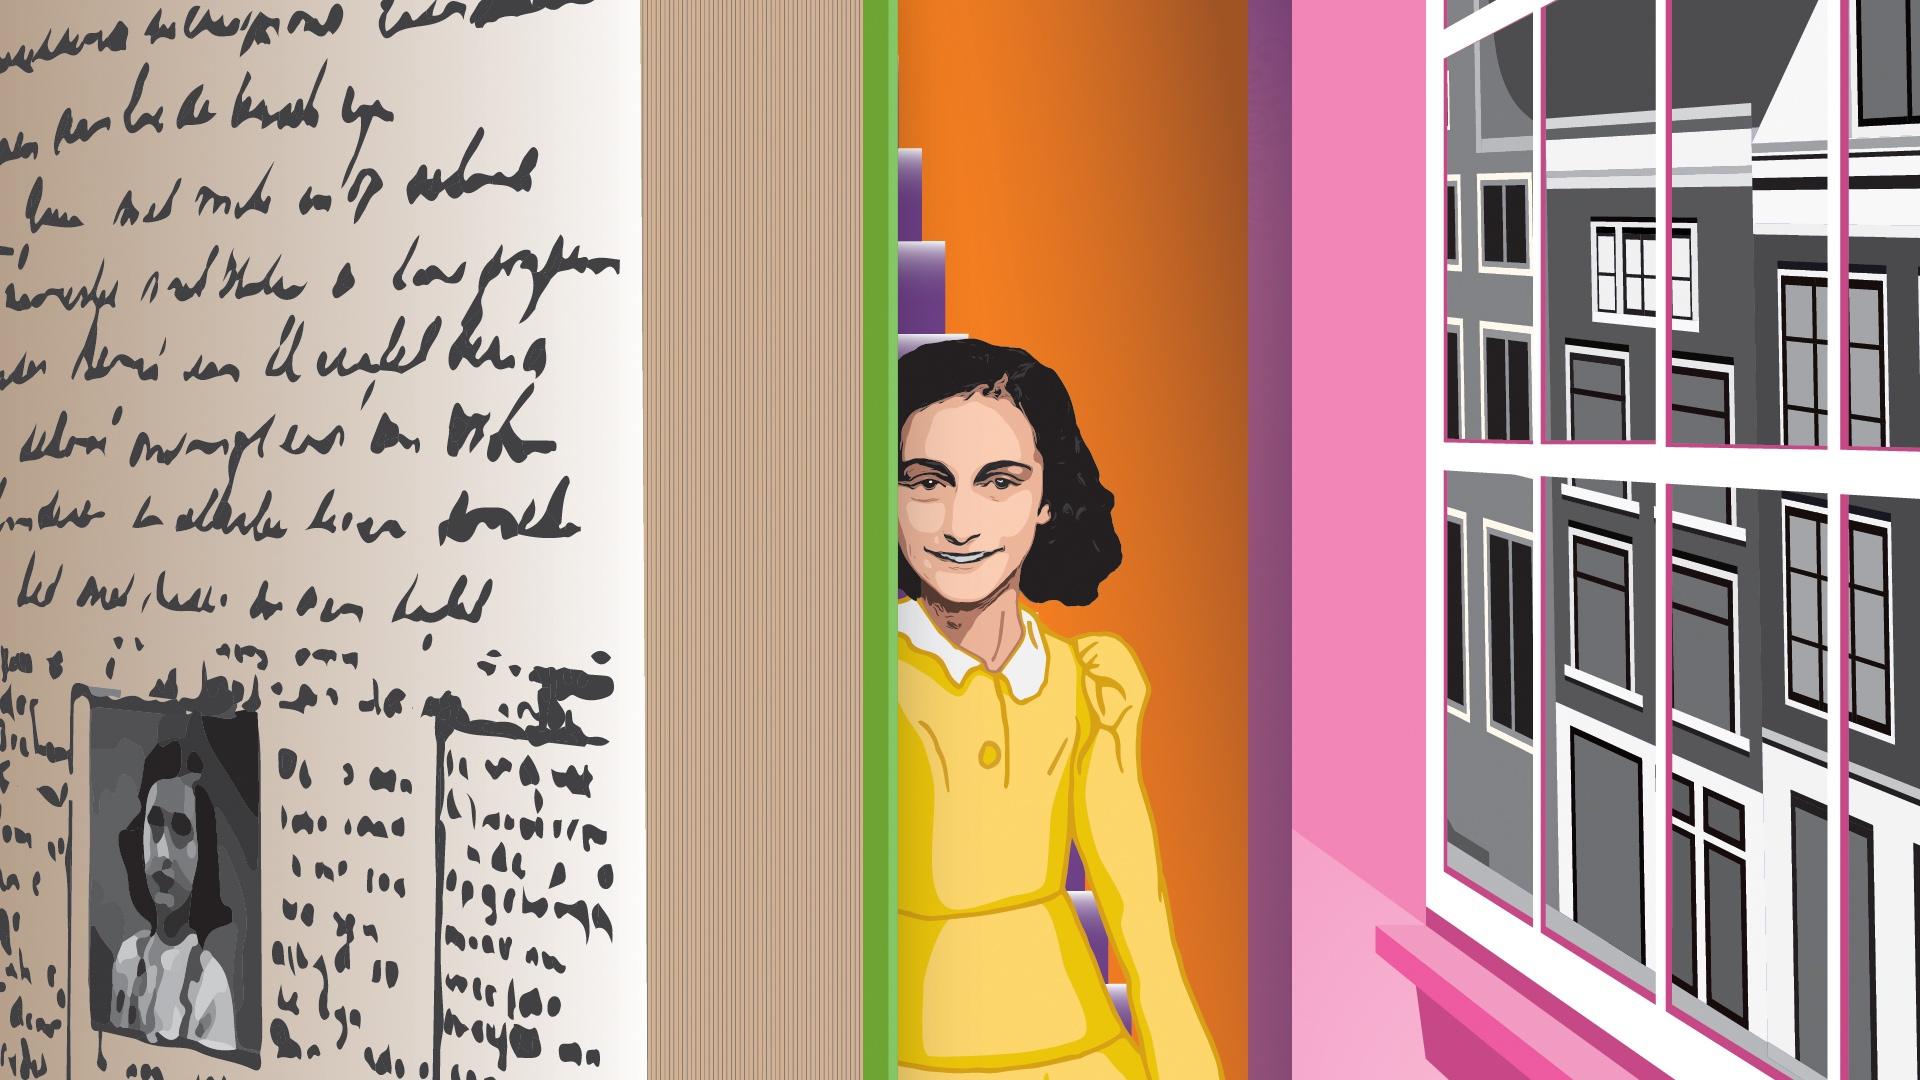 Rioja2. Cenicero acoge una exposición oficial de la Casa de Ana Frank